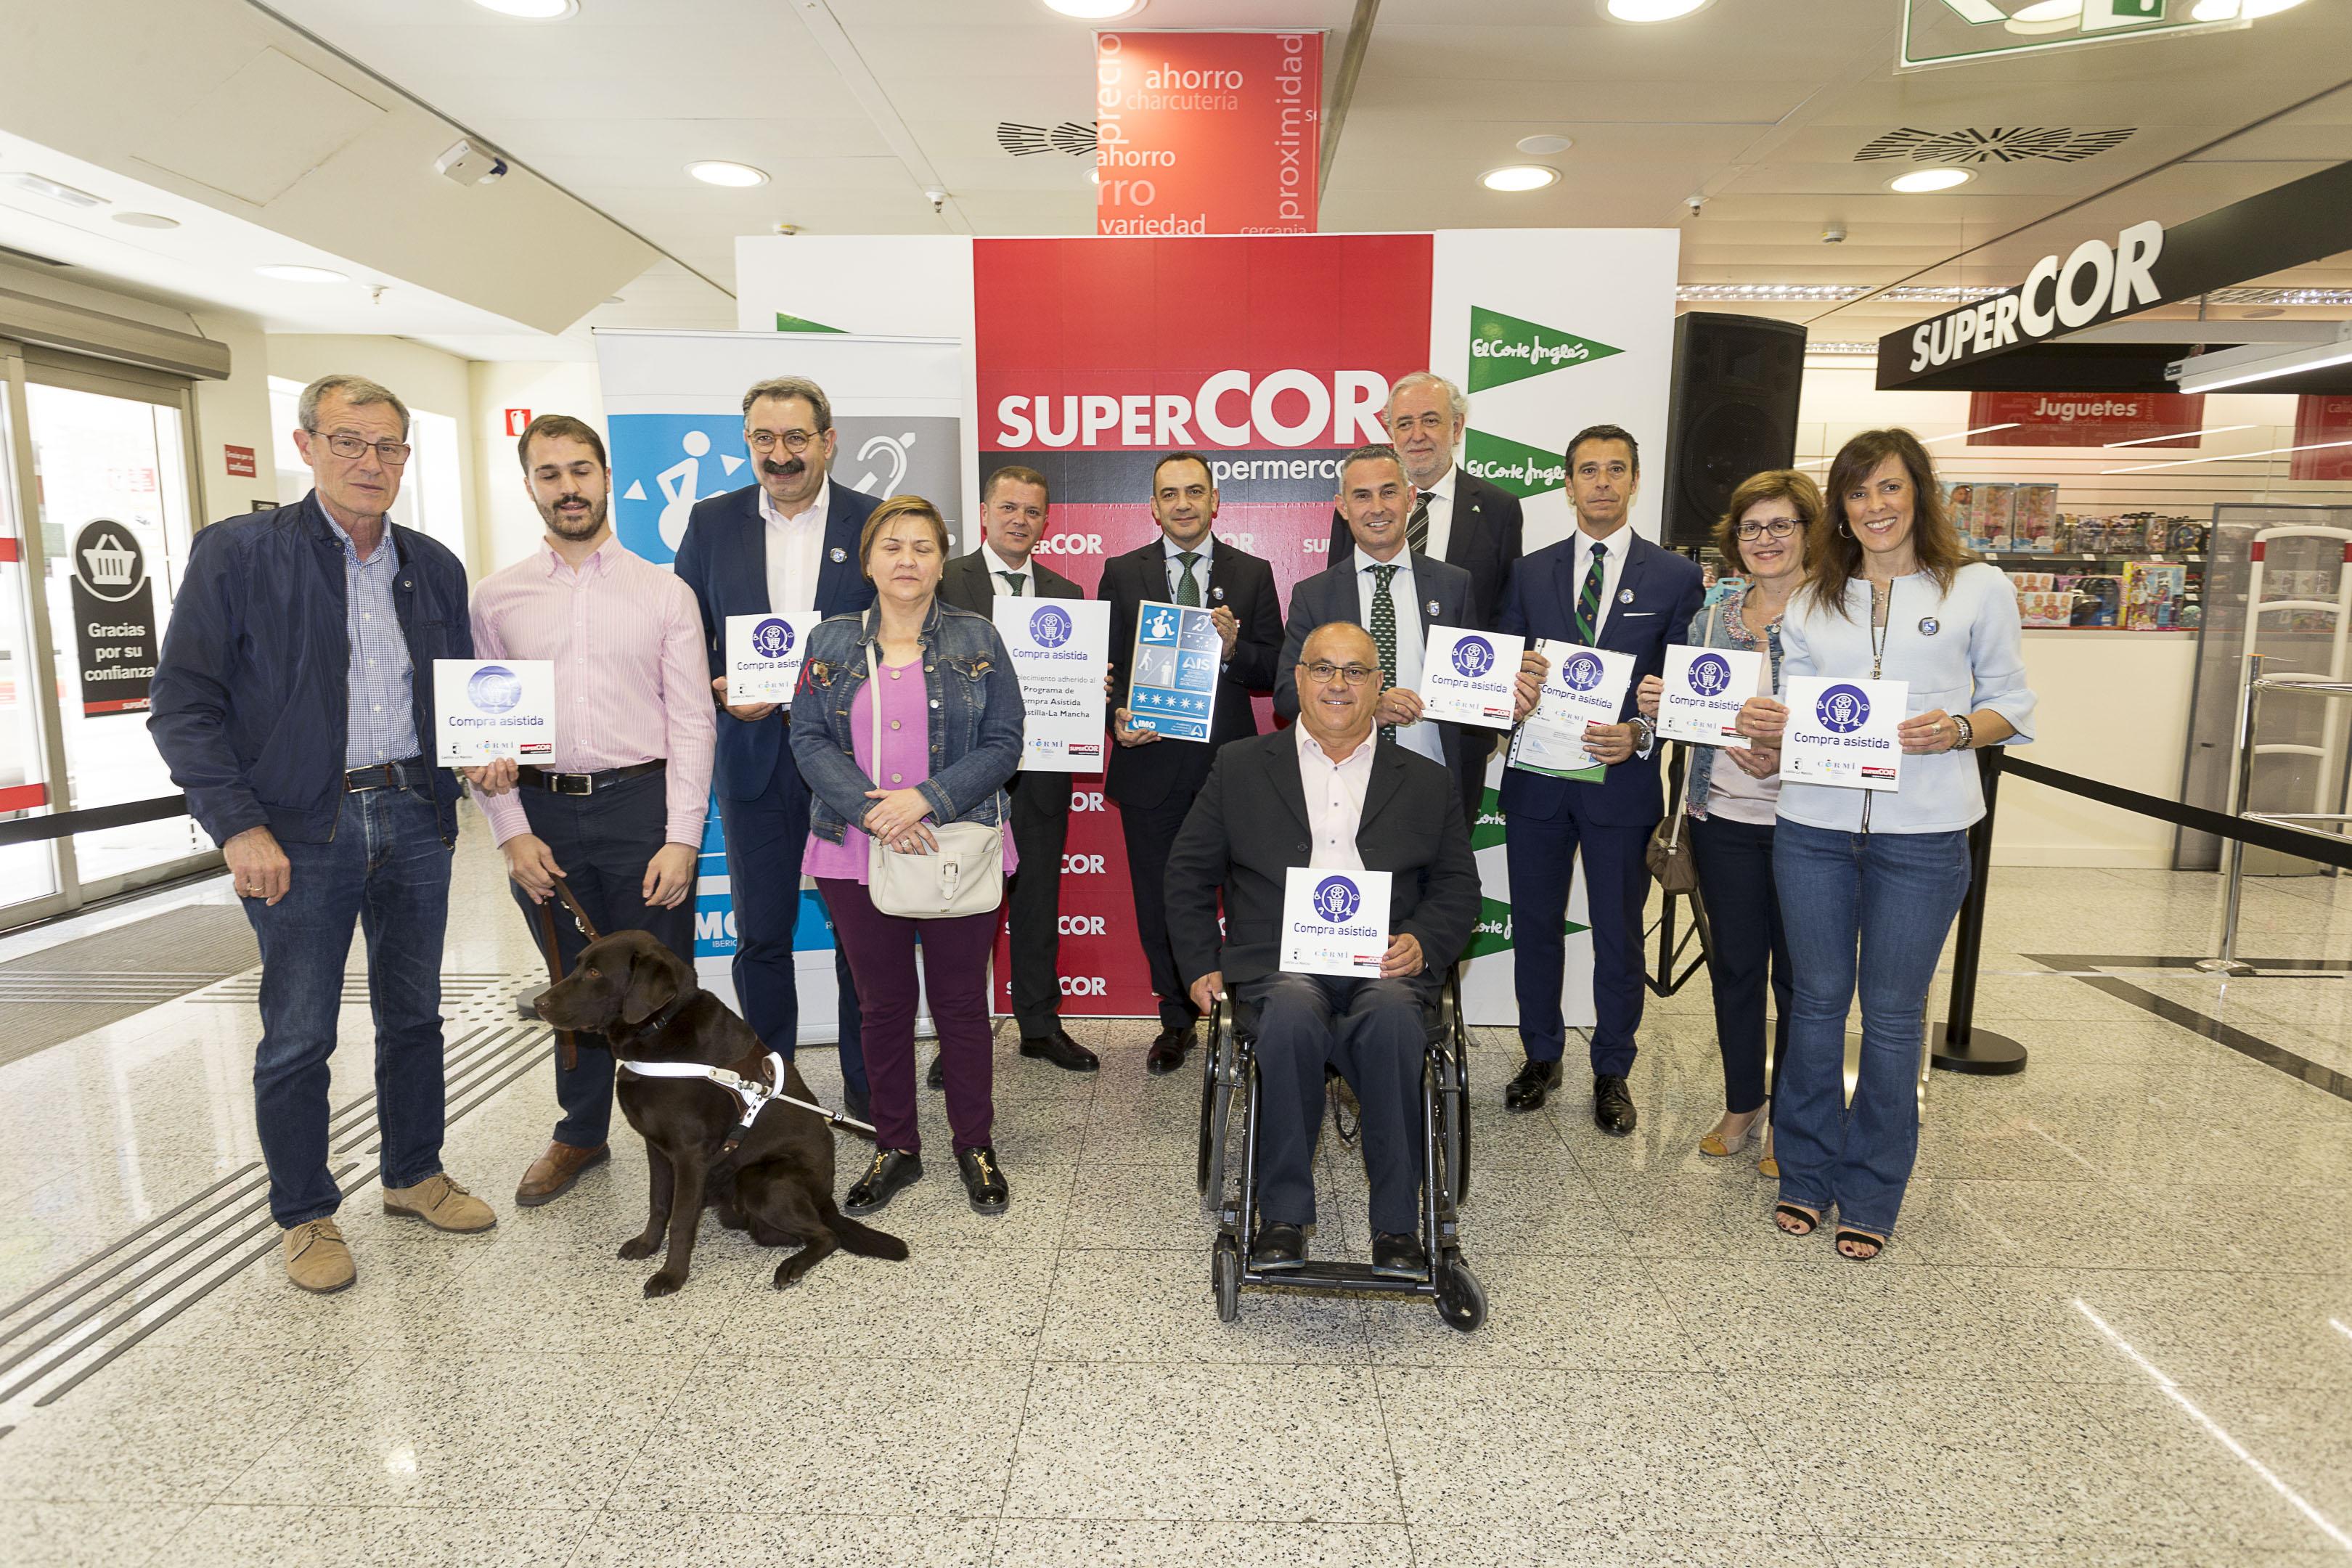 Imagen de grupo tras el evento de entrega de placa